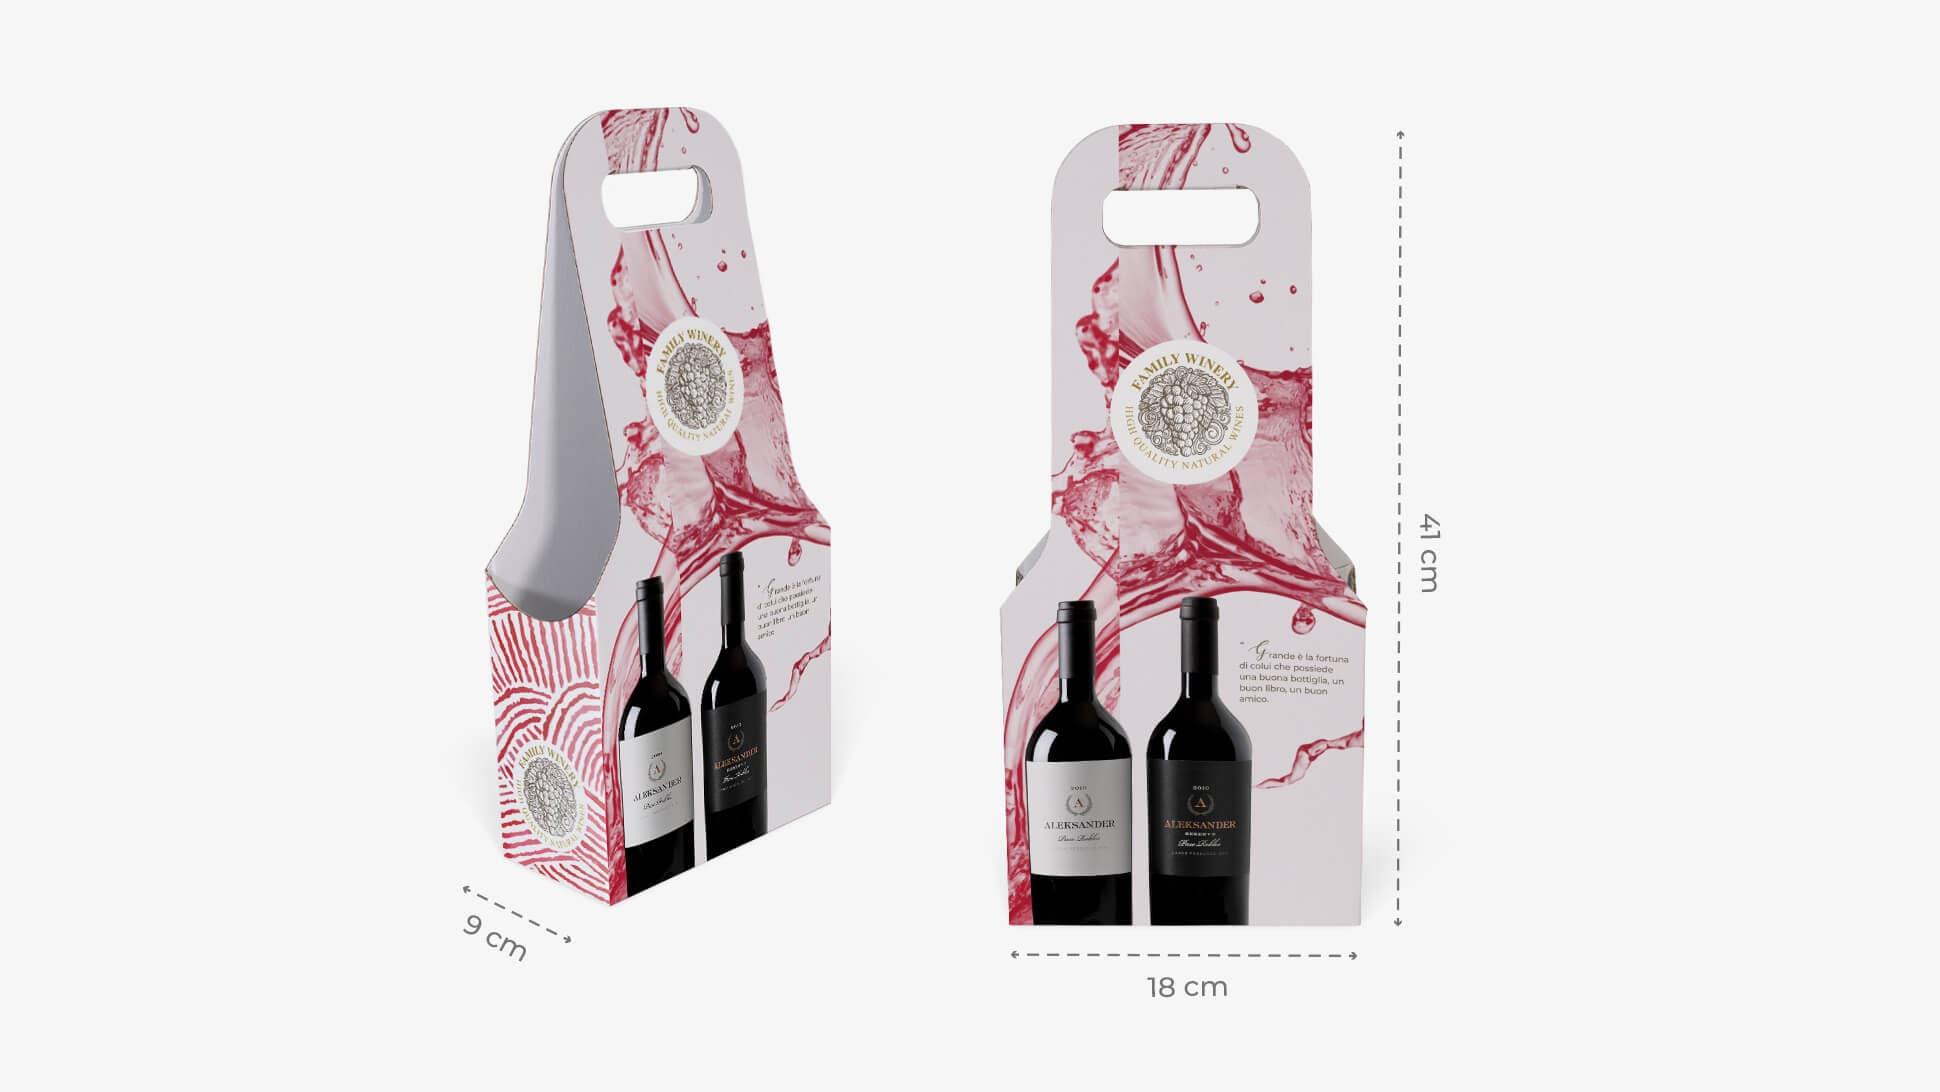 Confezione per due bottiglie con grafica personalizzabile | tictac.it